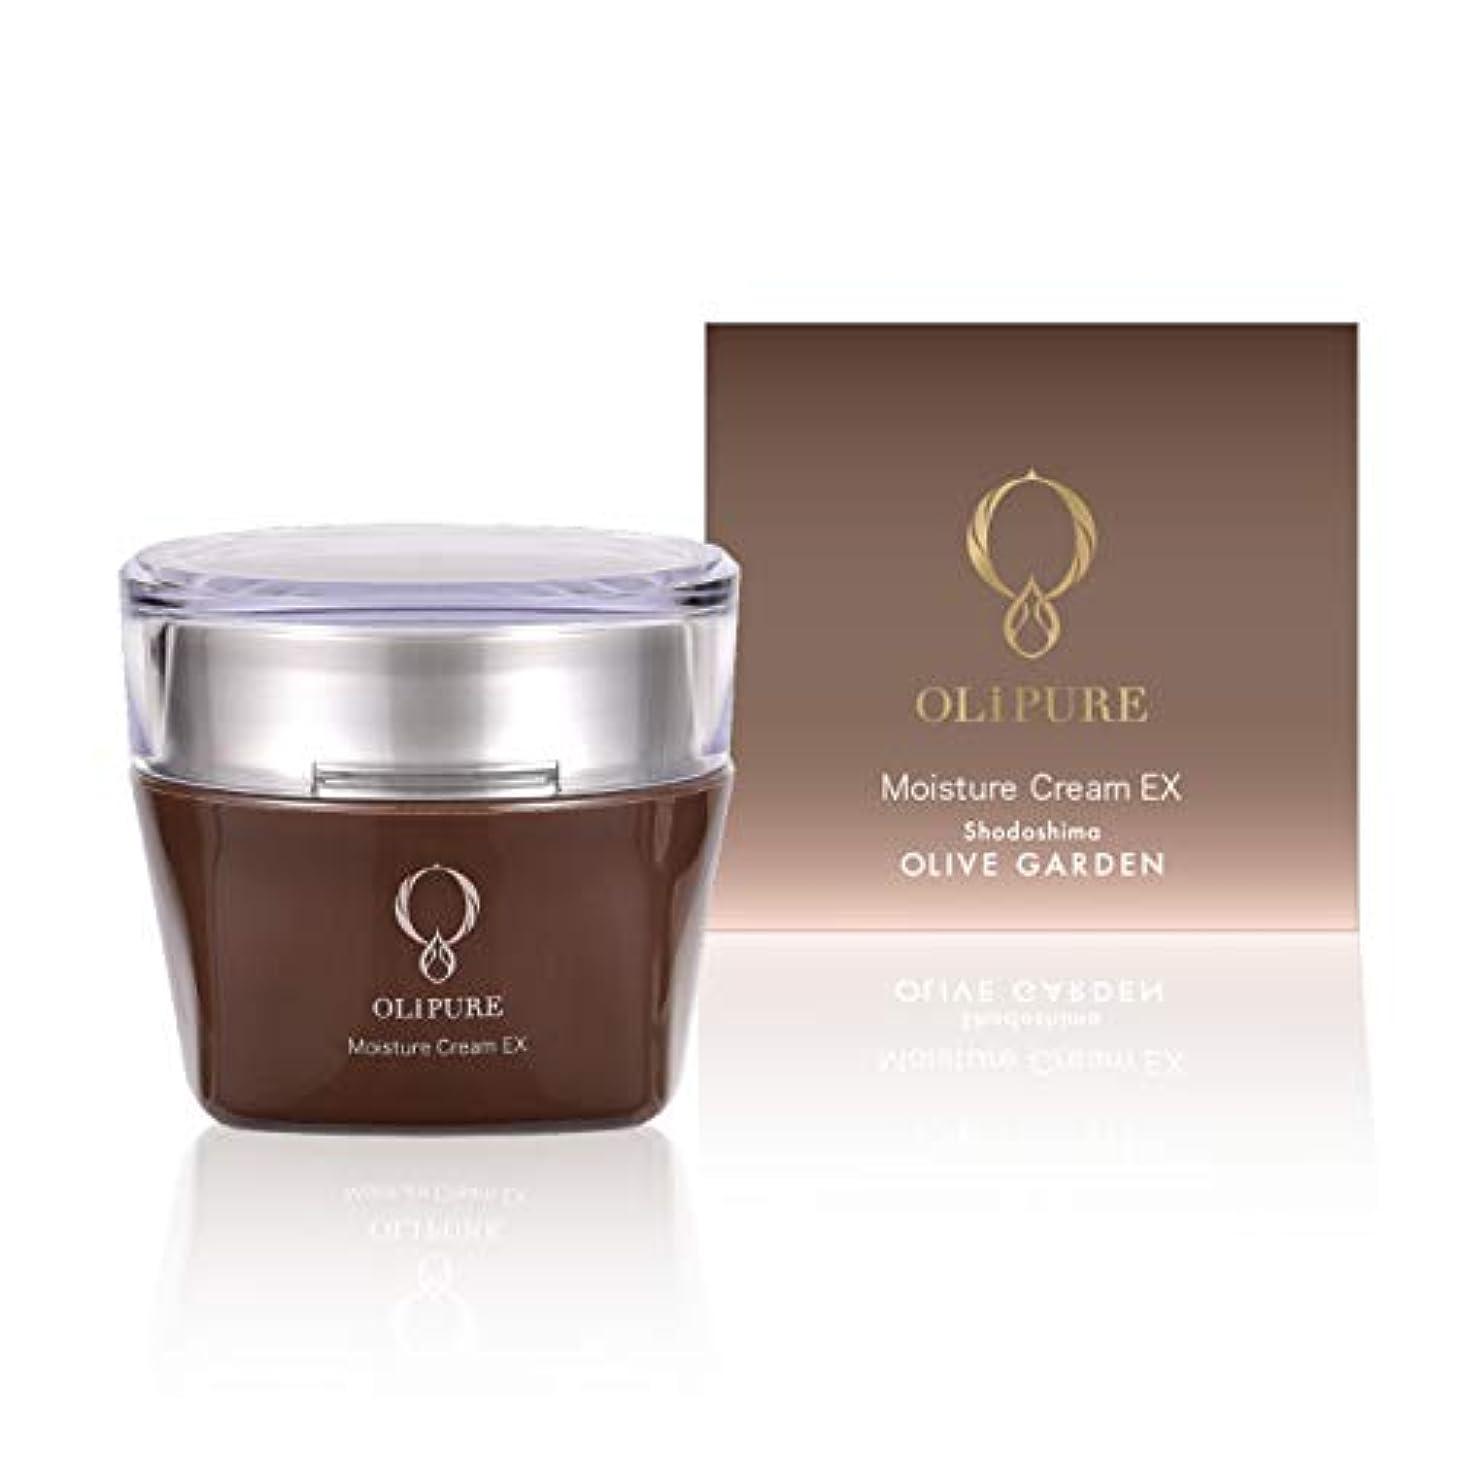 三十補充吸収オリピュア モイスチャークリームEX 30g OLiRURE Moisture Cream EX